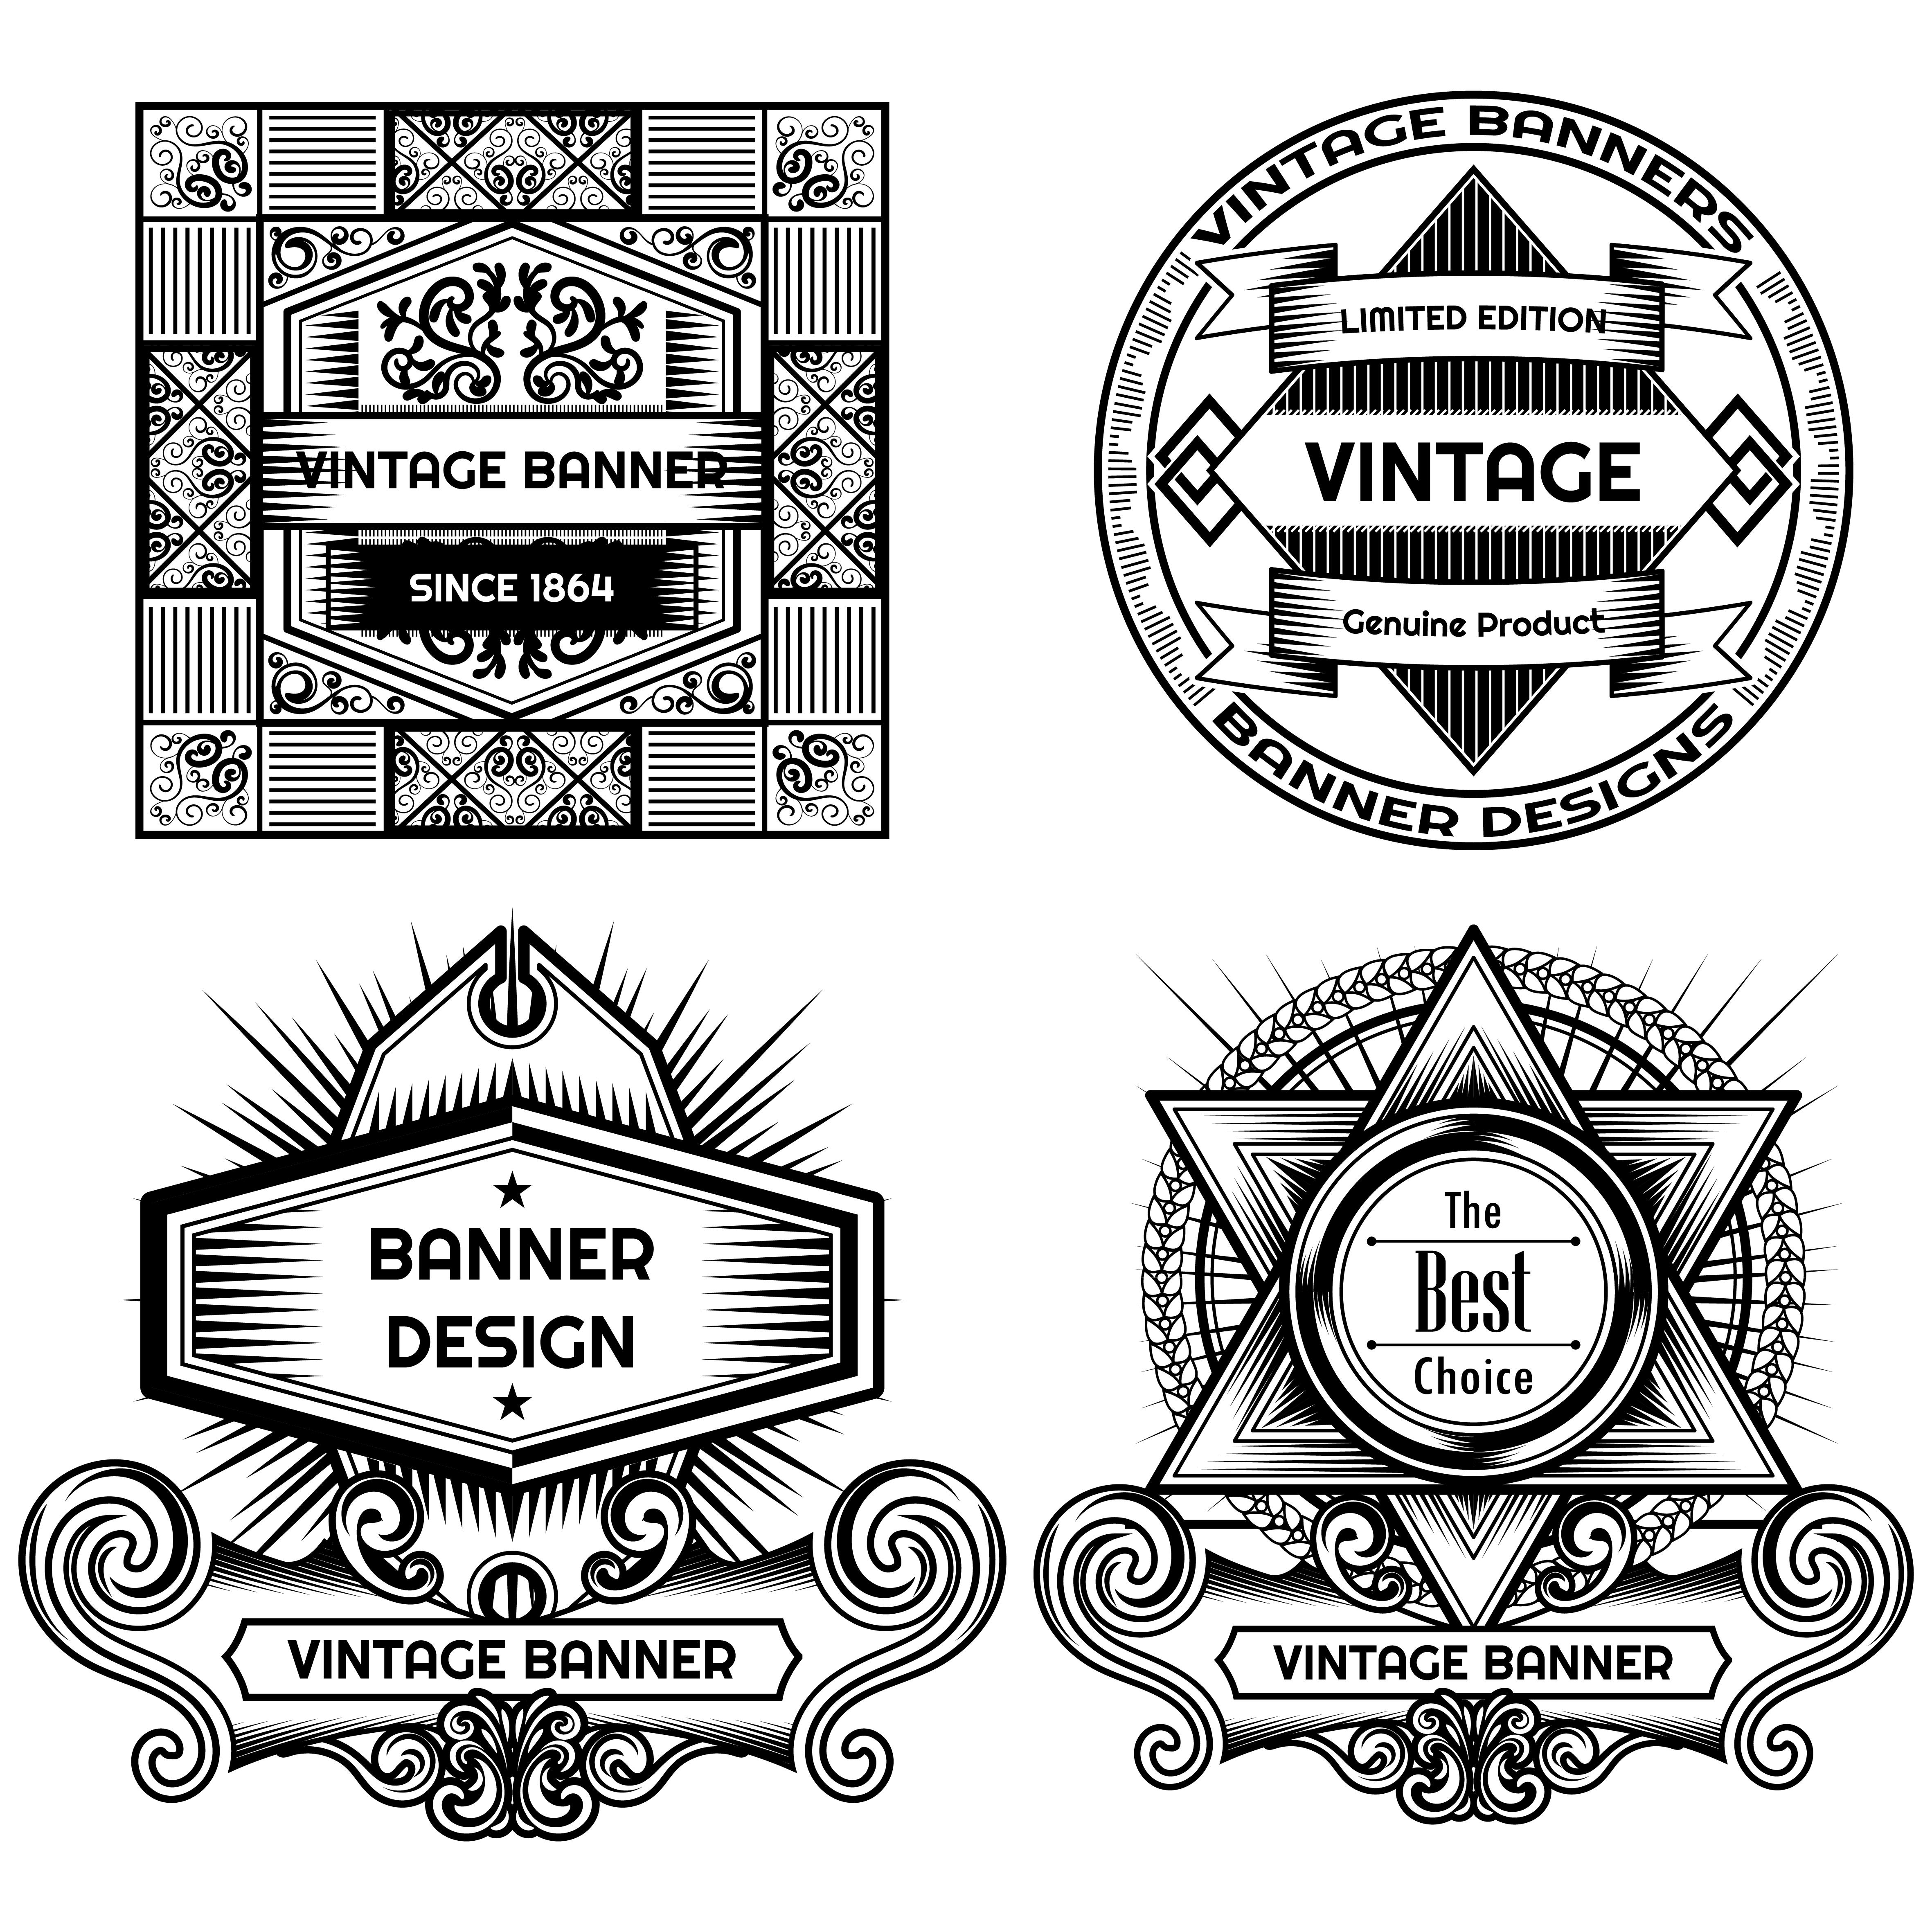 Vintage background label Design Template - Download Free ...